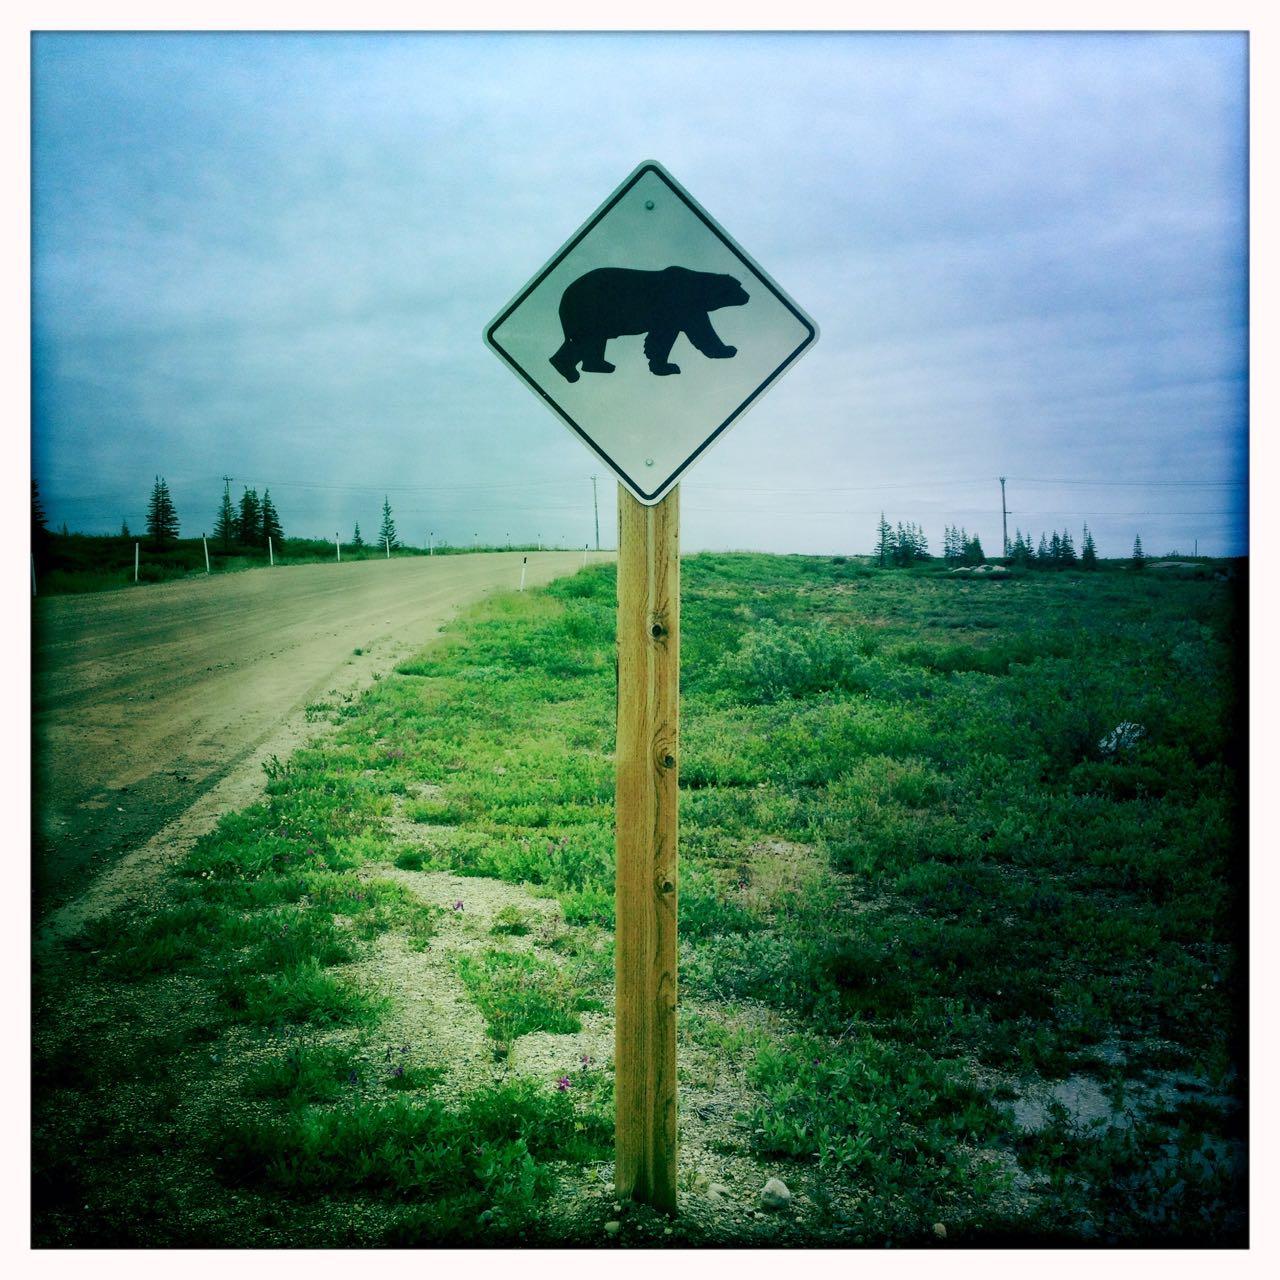 Warnung vor Bären.